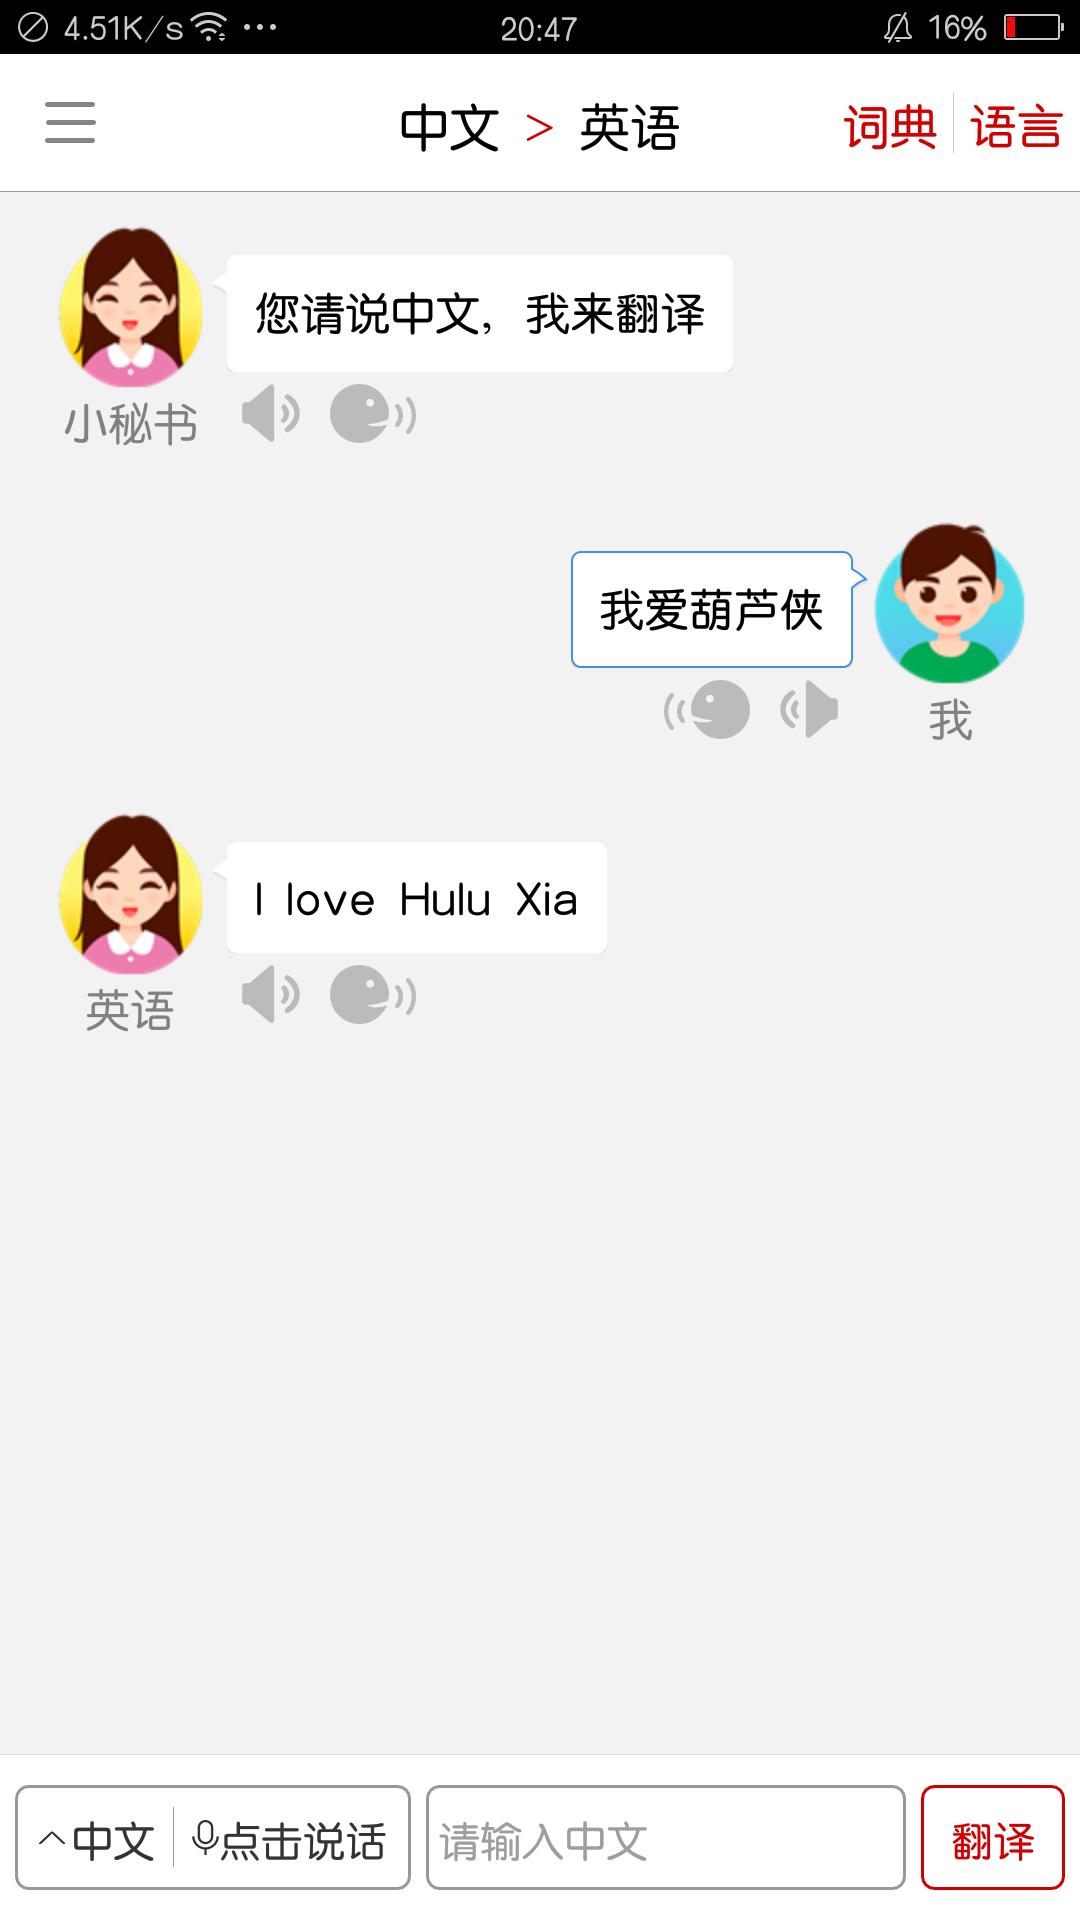 【分享】同声翻译超级版 5.0.4